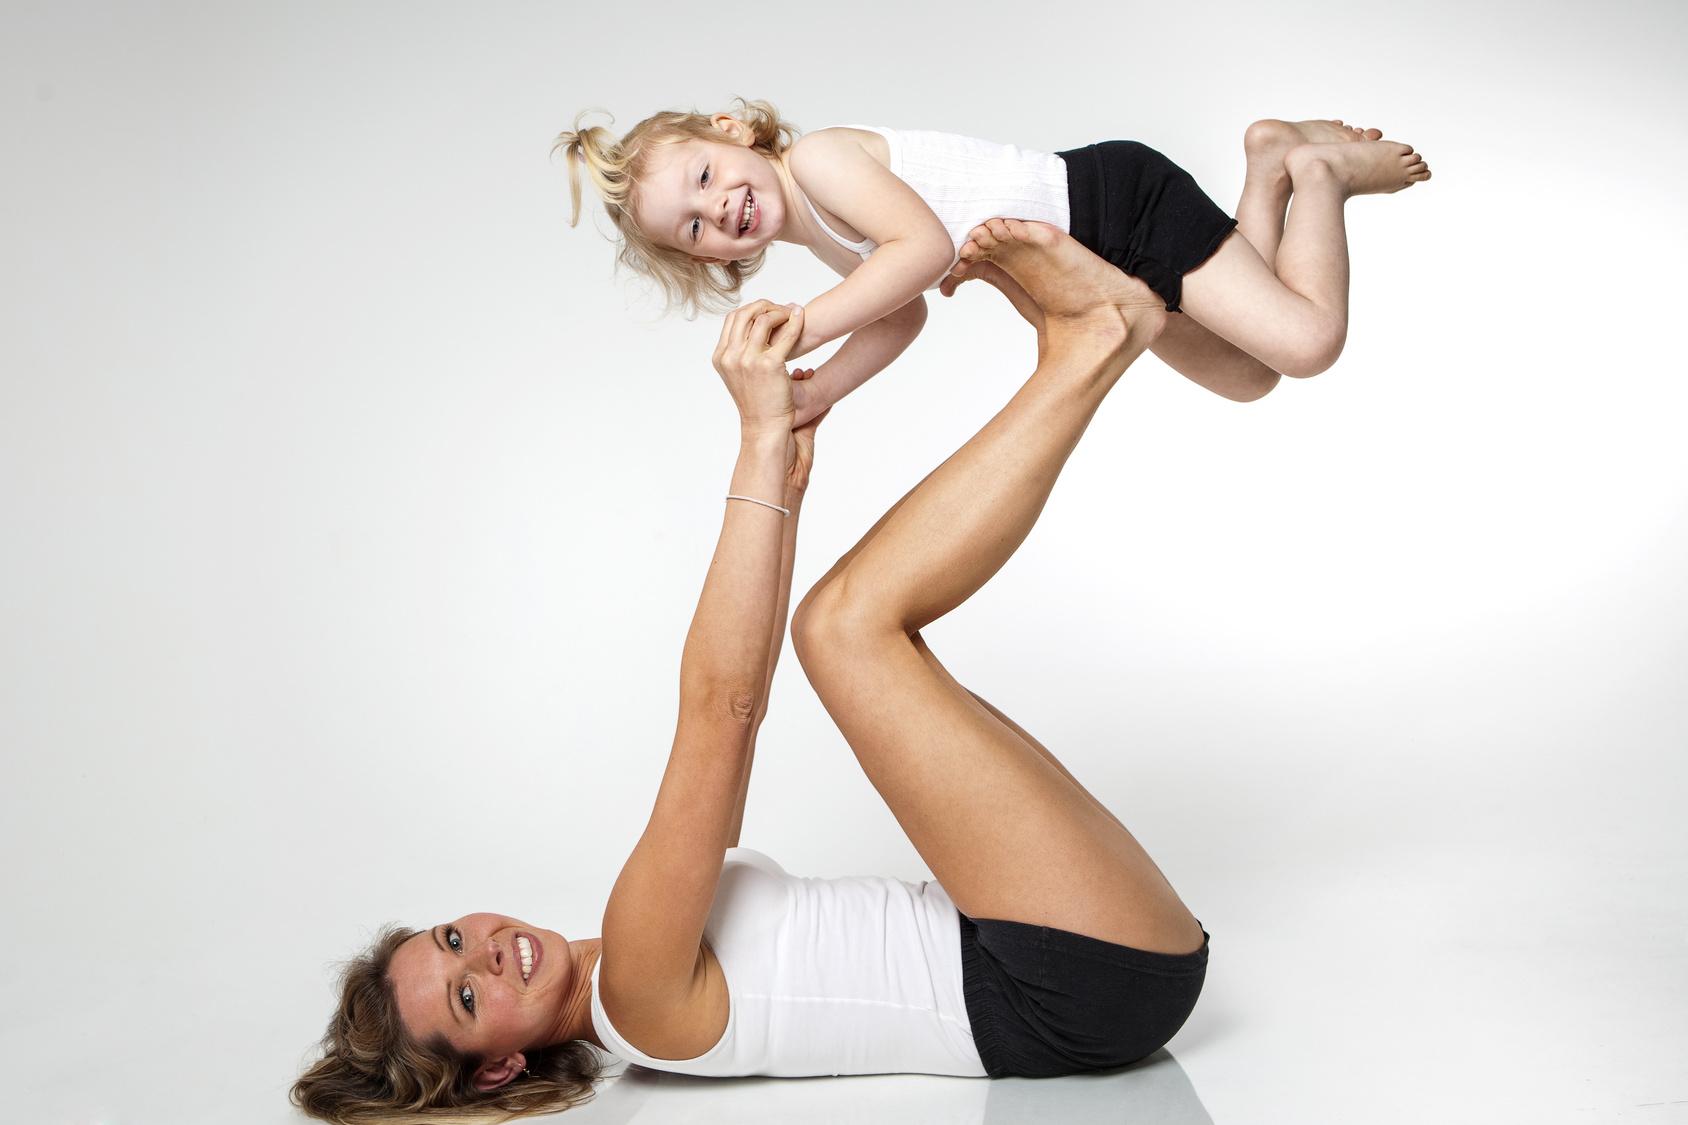 Yoga dla całej rodziny: czas dla ciała,  umysłu i wspólnej zabawy